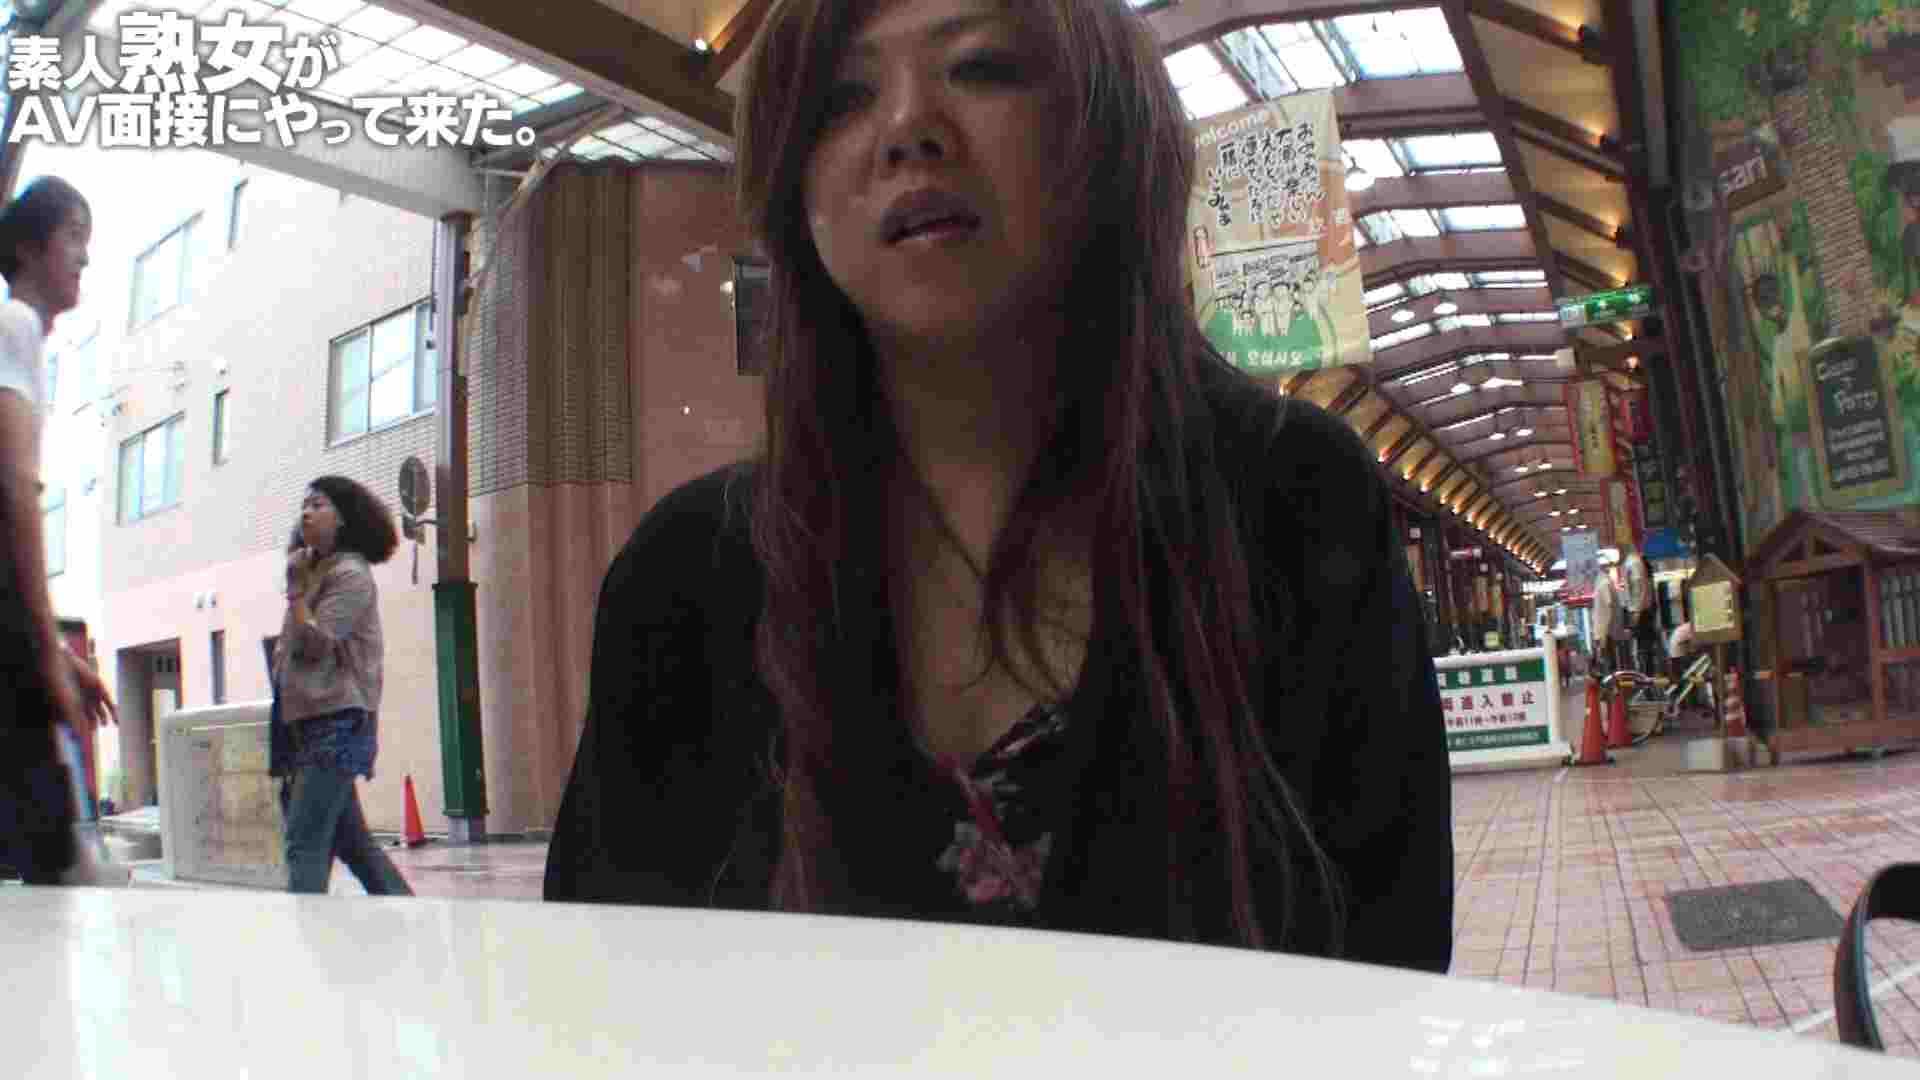 素人熟女がAV面接にやってきた (仮名)ゆかさんVOL.01 熟女 のぞき動画画像 71pic 23